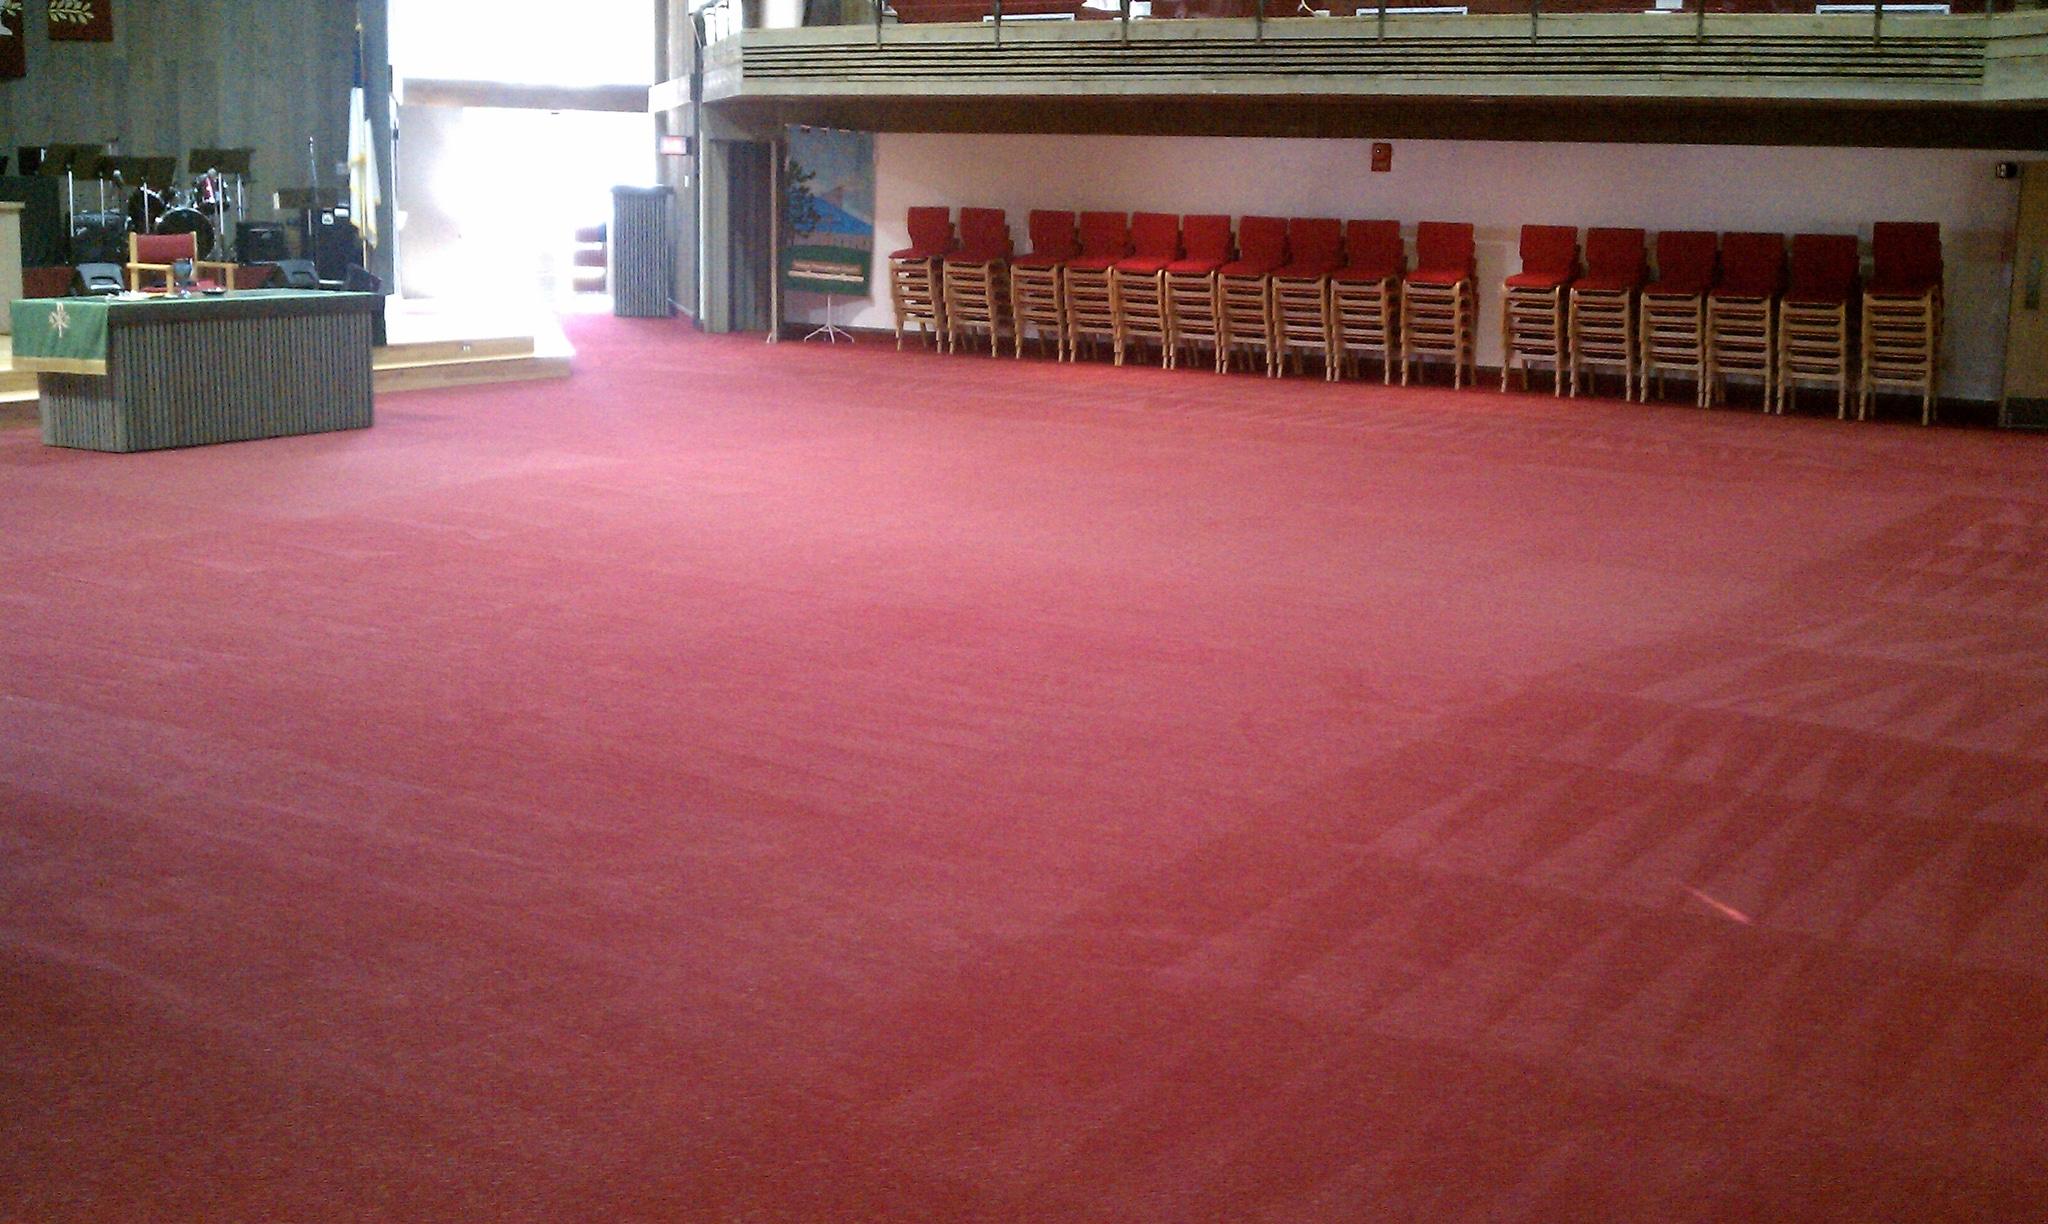 Jual Karpet lantai untuk kantor murah Maju Jaya Mandiri